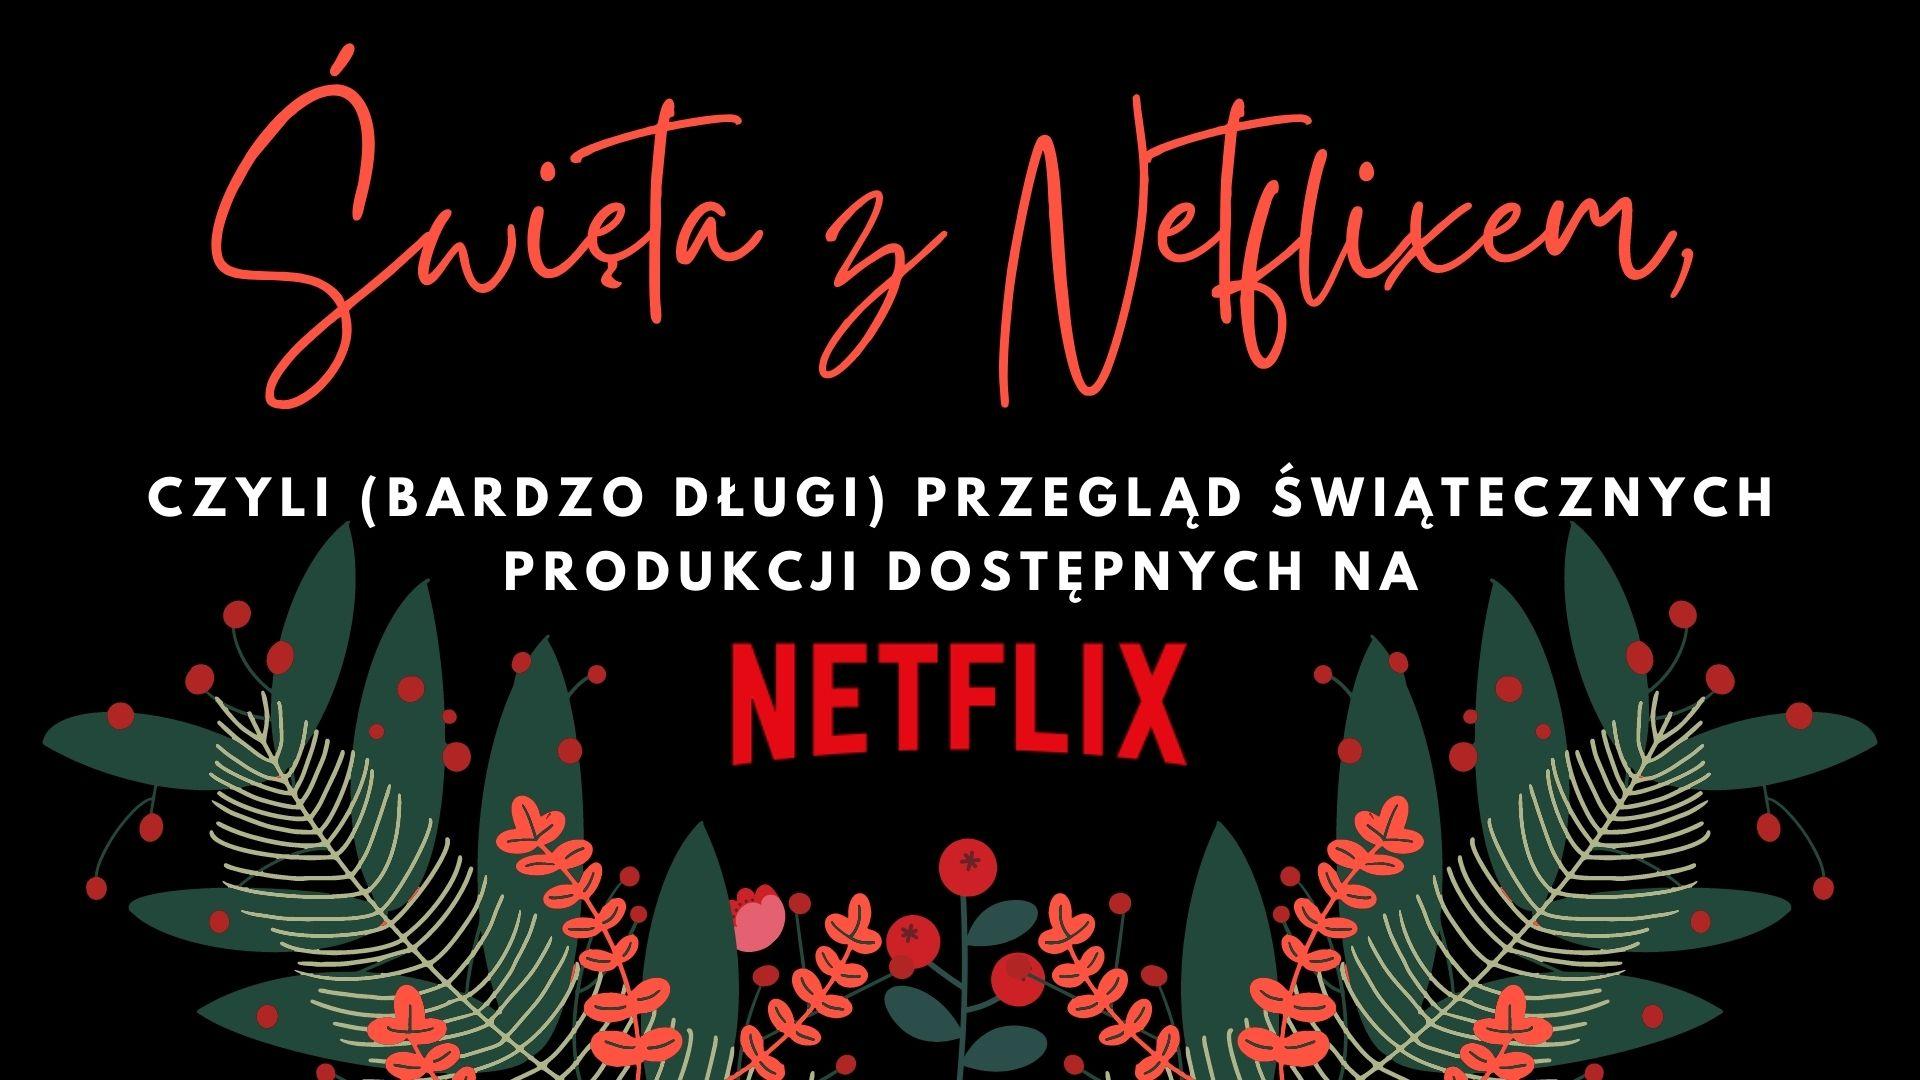 świąteczne filmy, świąteczne filmy na Netflixie, co zobaczyć na Netflixie, świąteczne produkcje Netflixa, święta Netflix, co zobaczyć na Netflixie w święta, świąteczne filmy na netflix przegląd